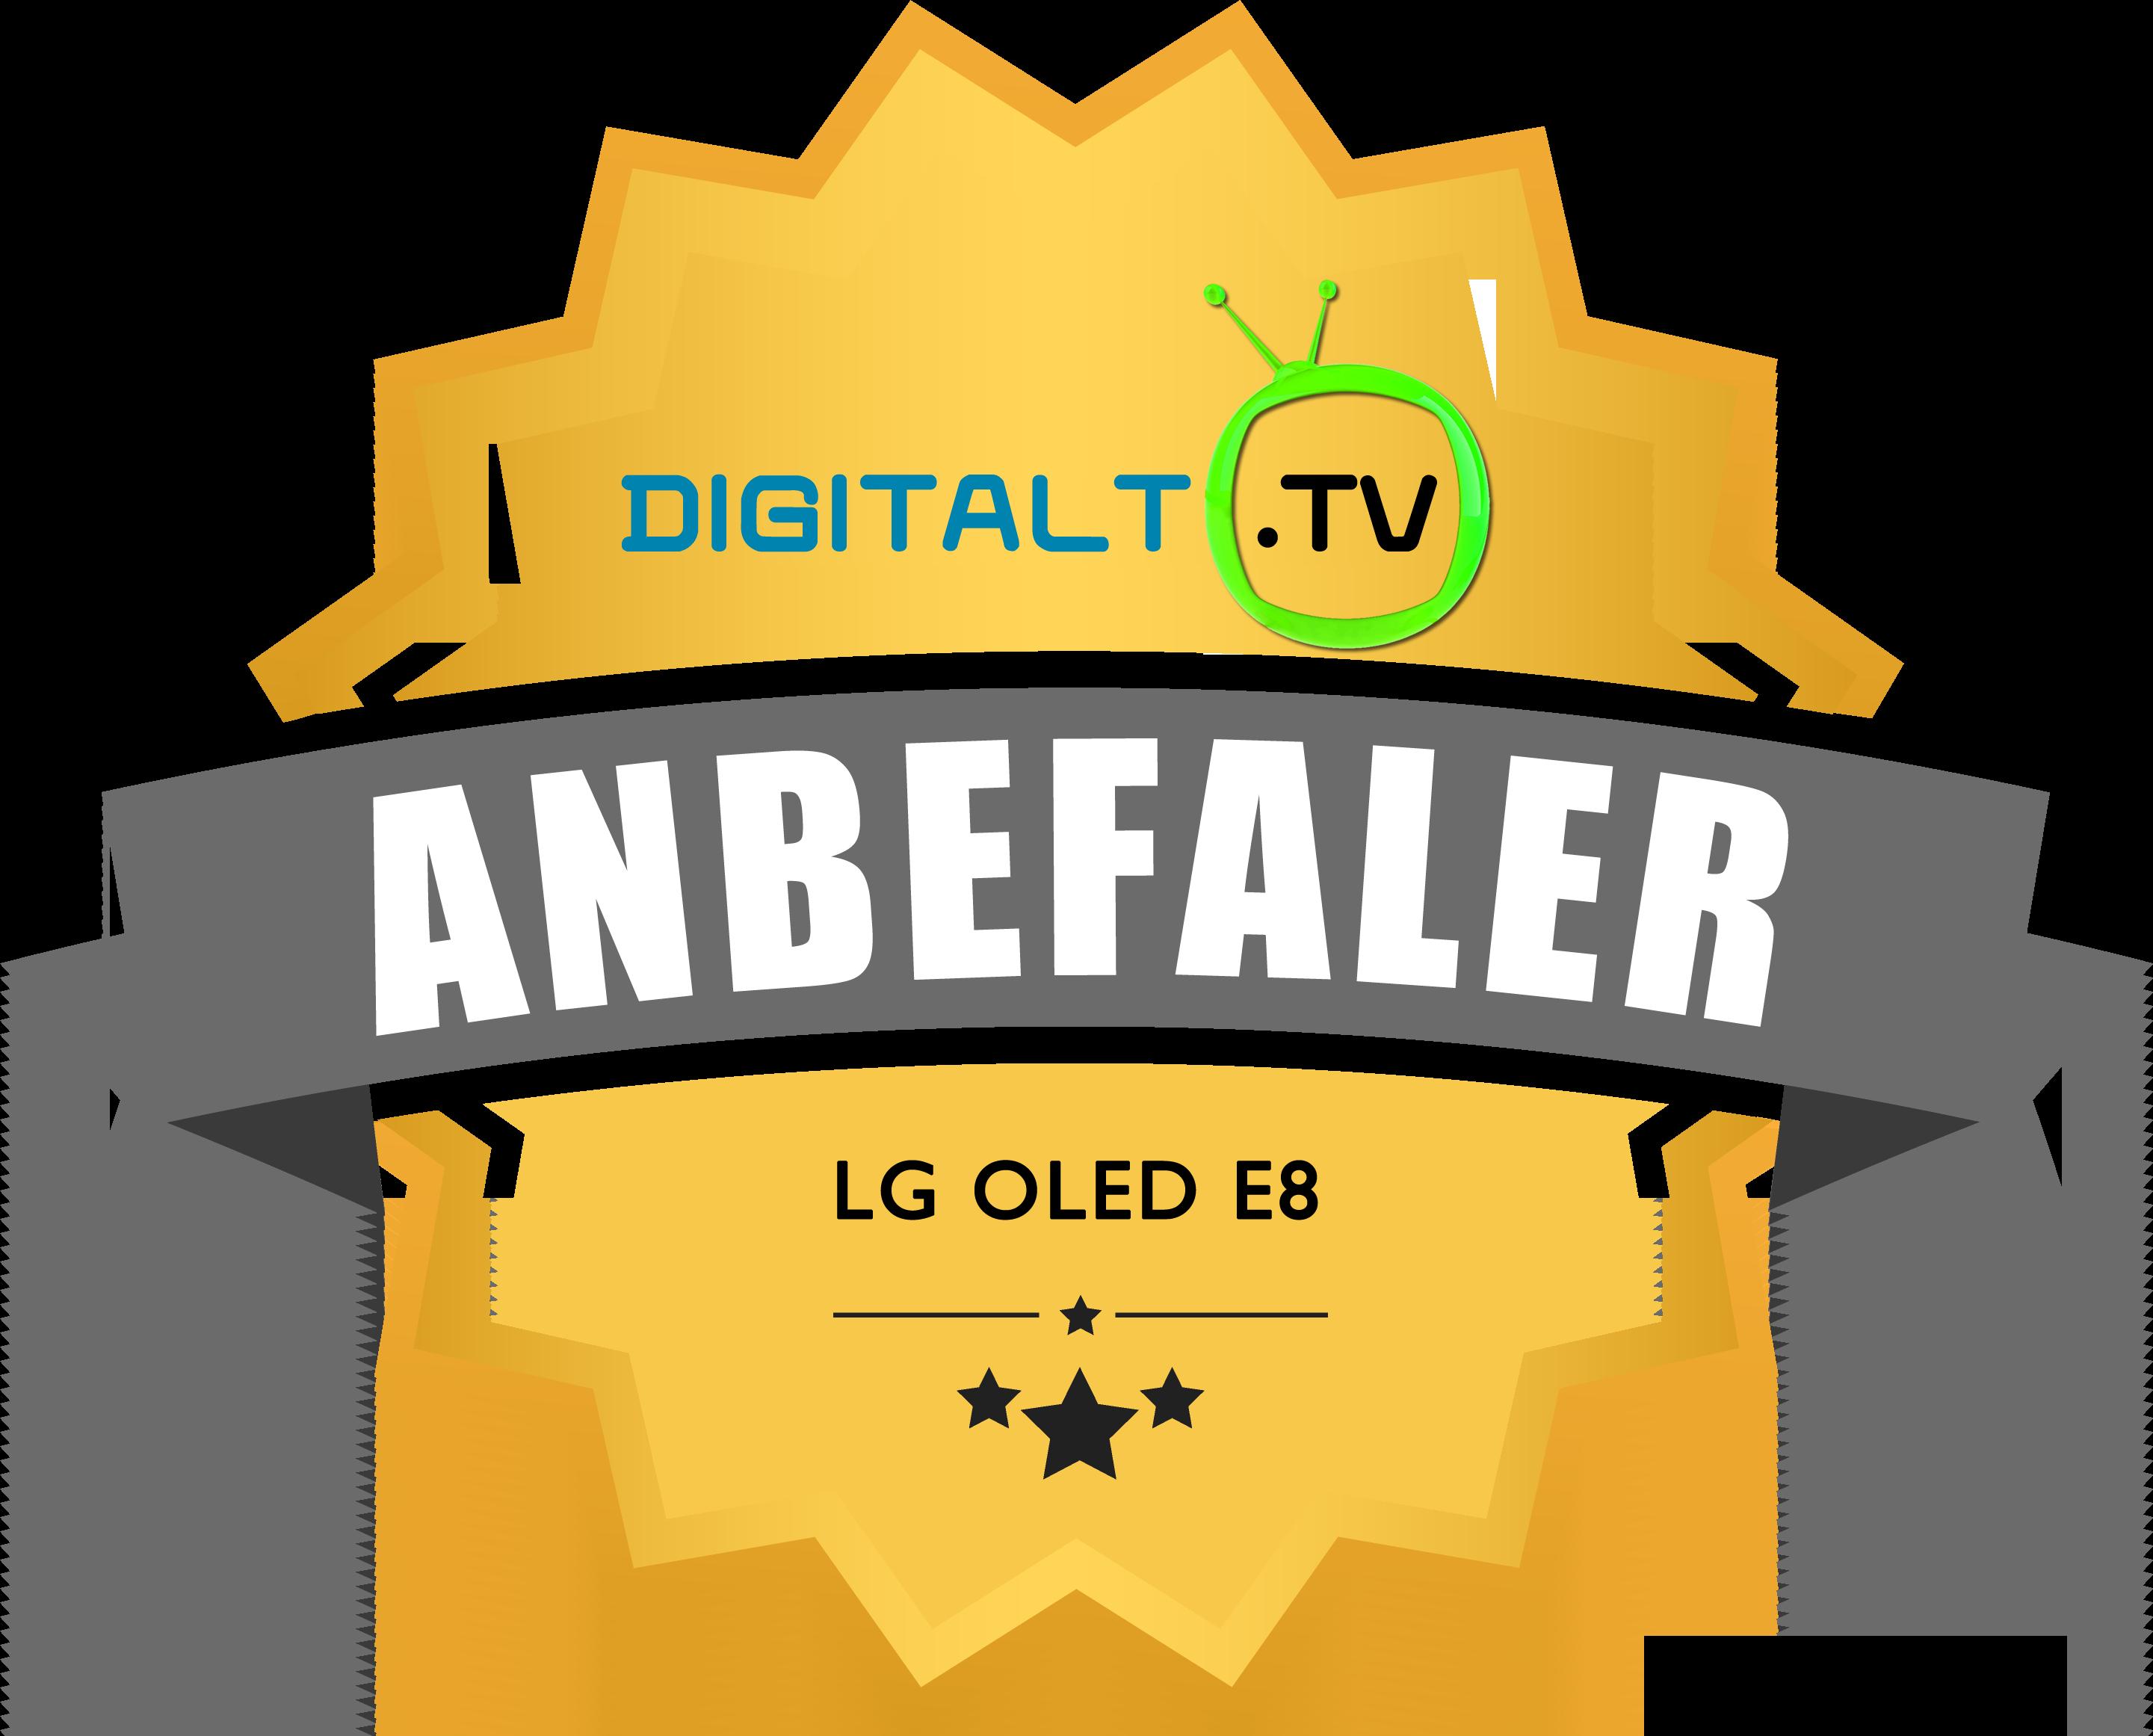 LG OLED E8 Logo anbefalinger 2018.fw